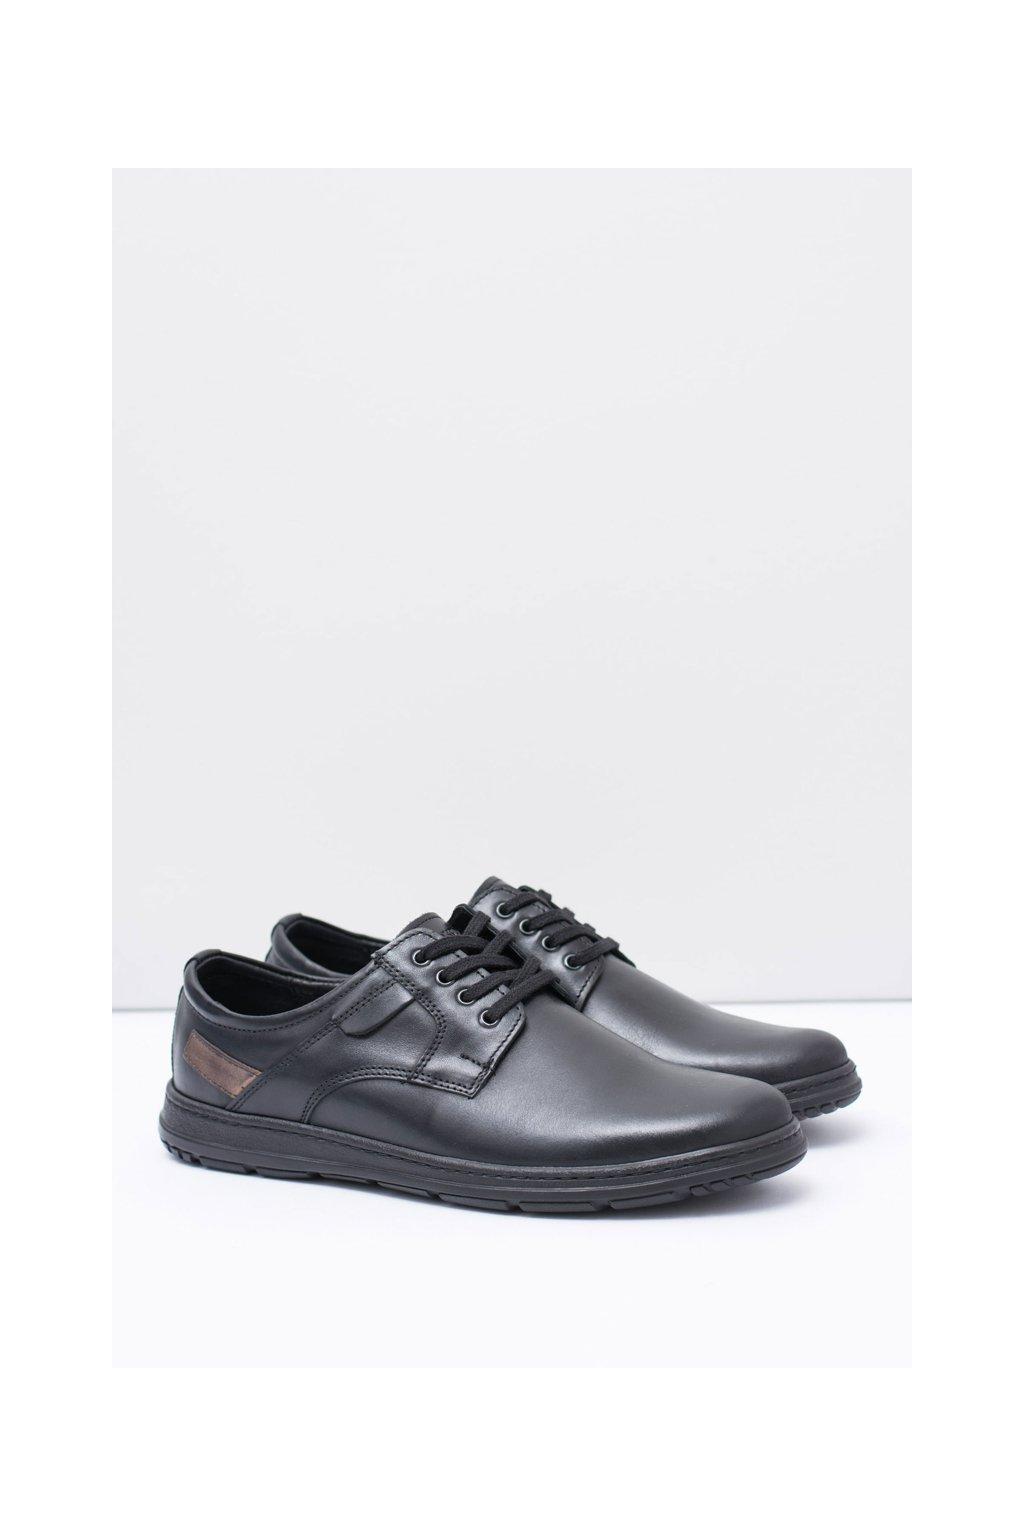 Hnedé pánske topánky Manifesto